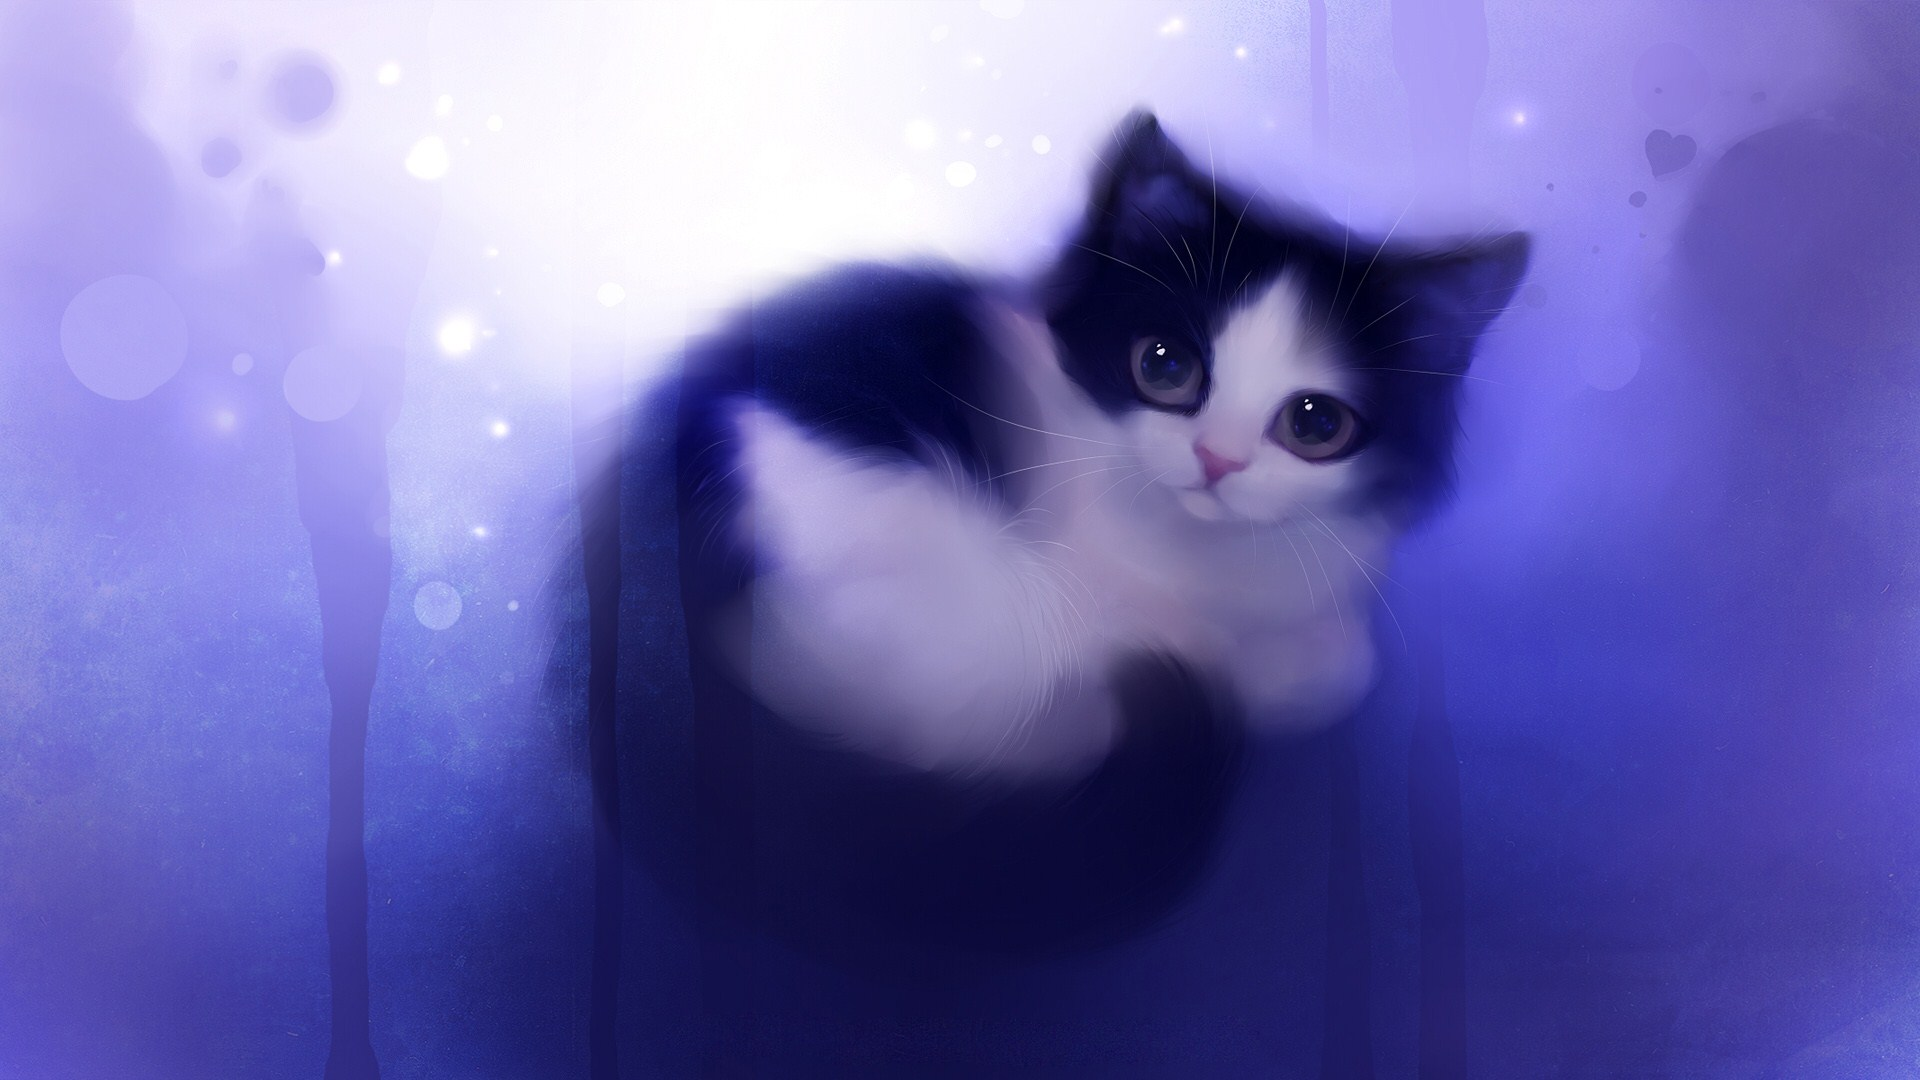 cat wallpaper cute wallpaper share this cute wallpaper on facebook 1920x1080